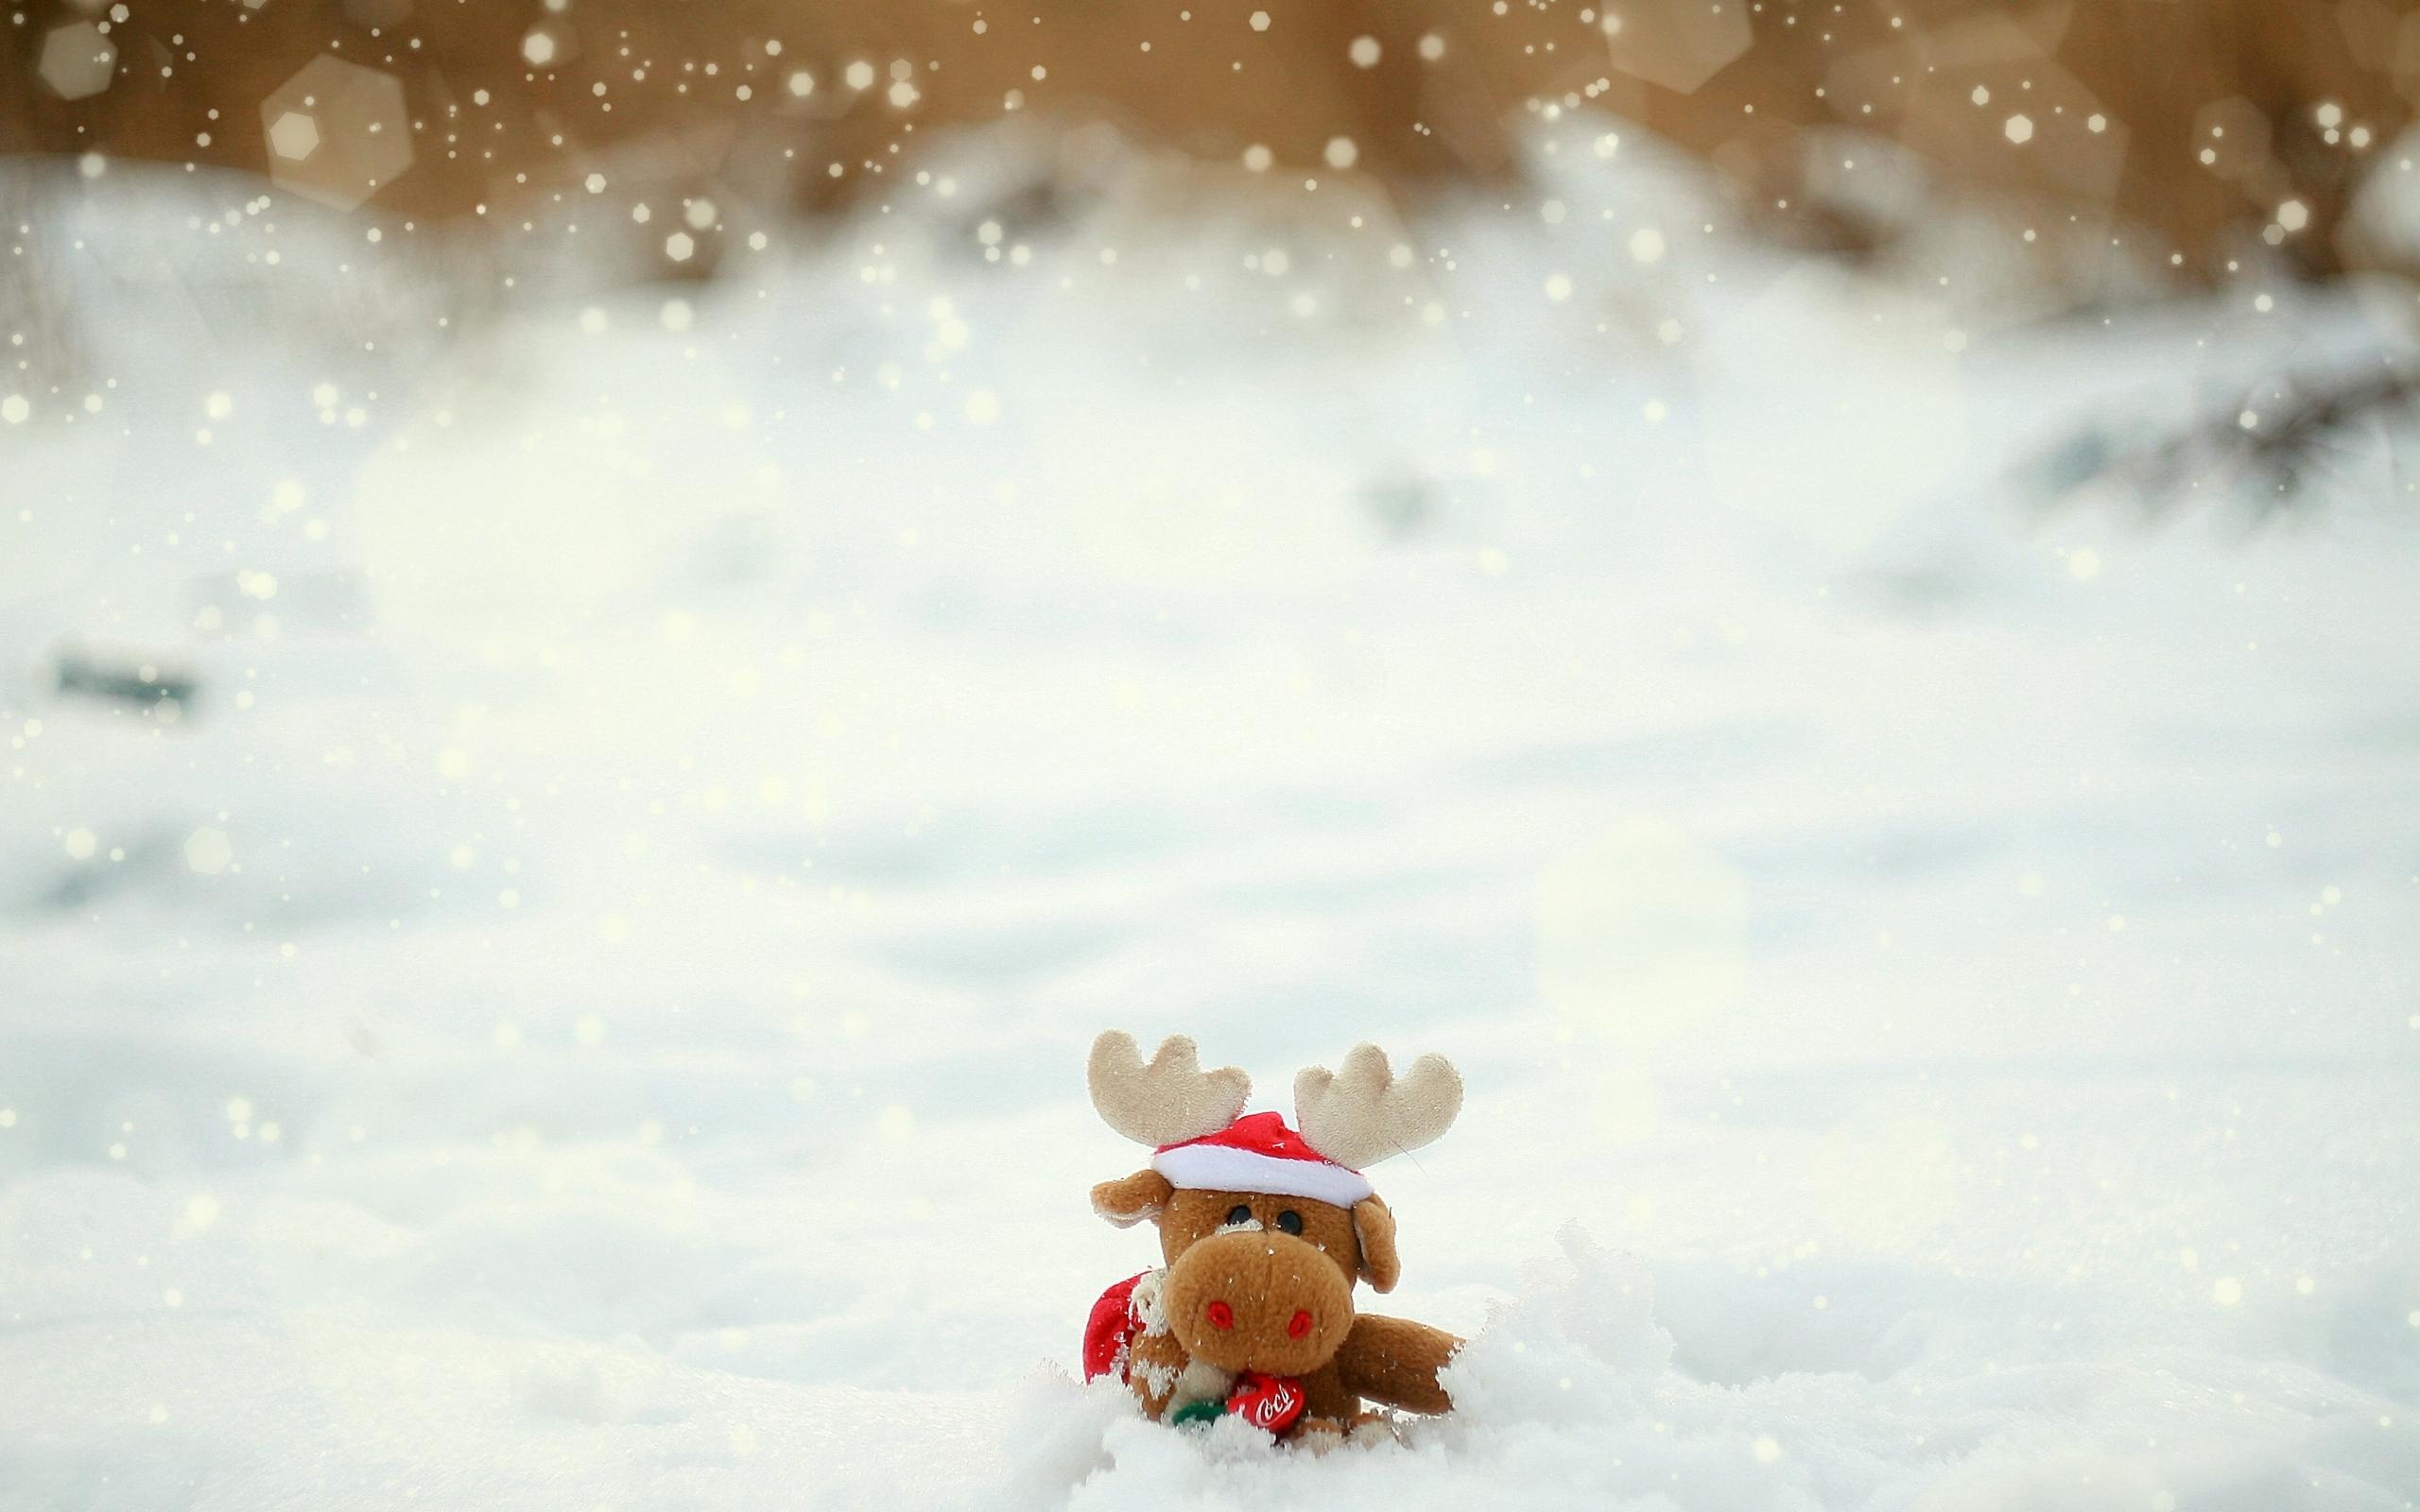 22590 скачать обои Рождество (Christmas, Xmas), Новый Год (New Year), Праздники, Игрушки, Снег - заставки и картинки бесплатно